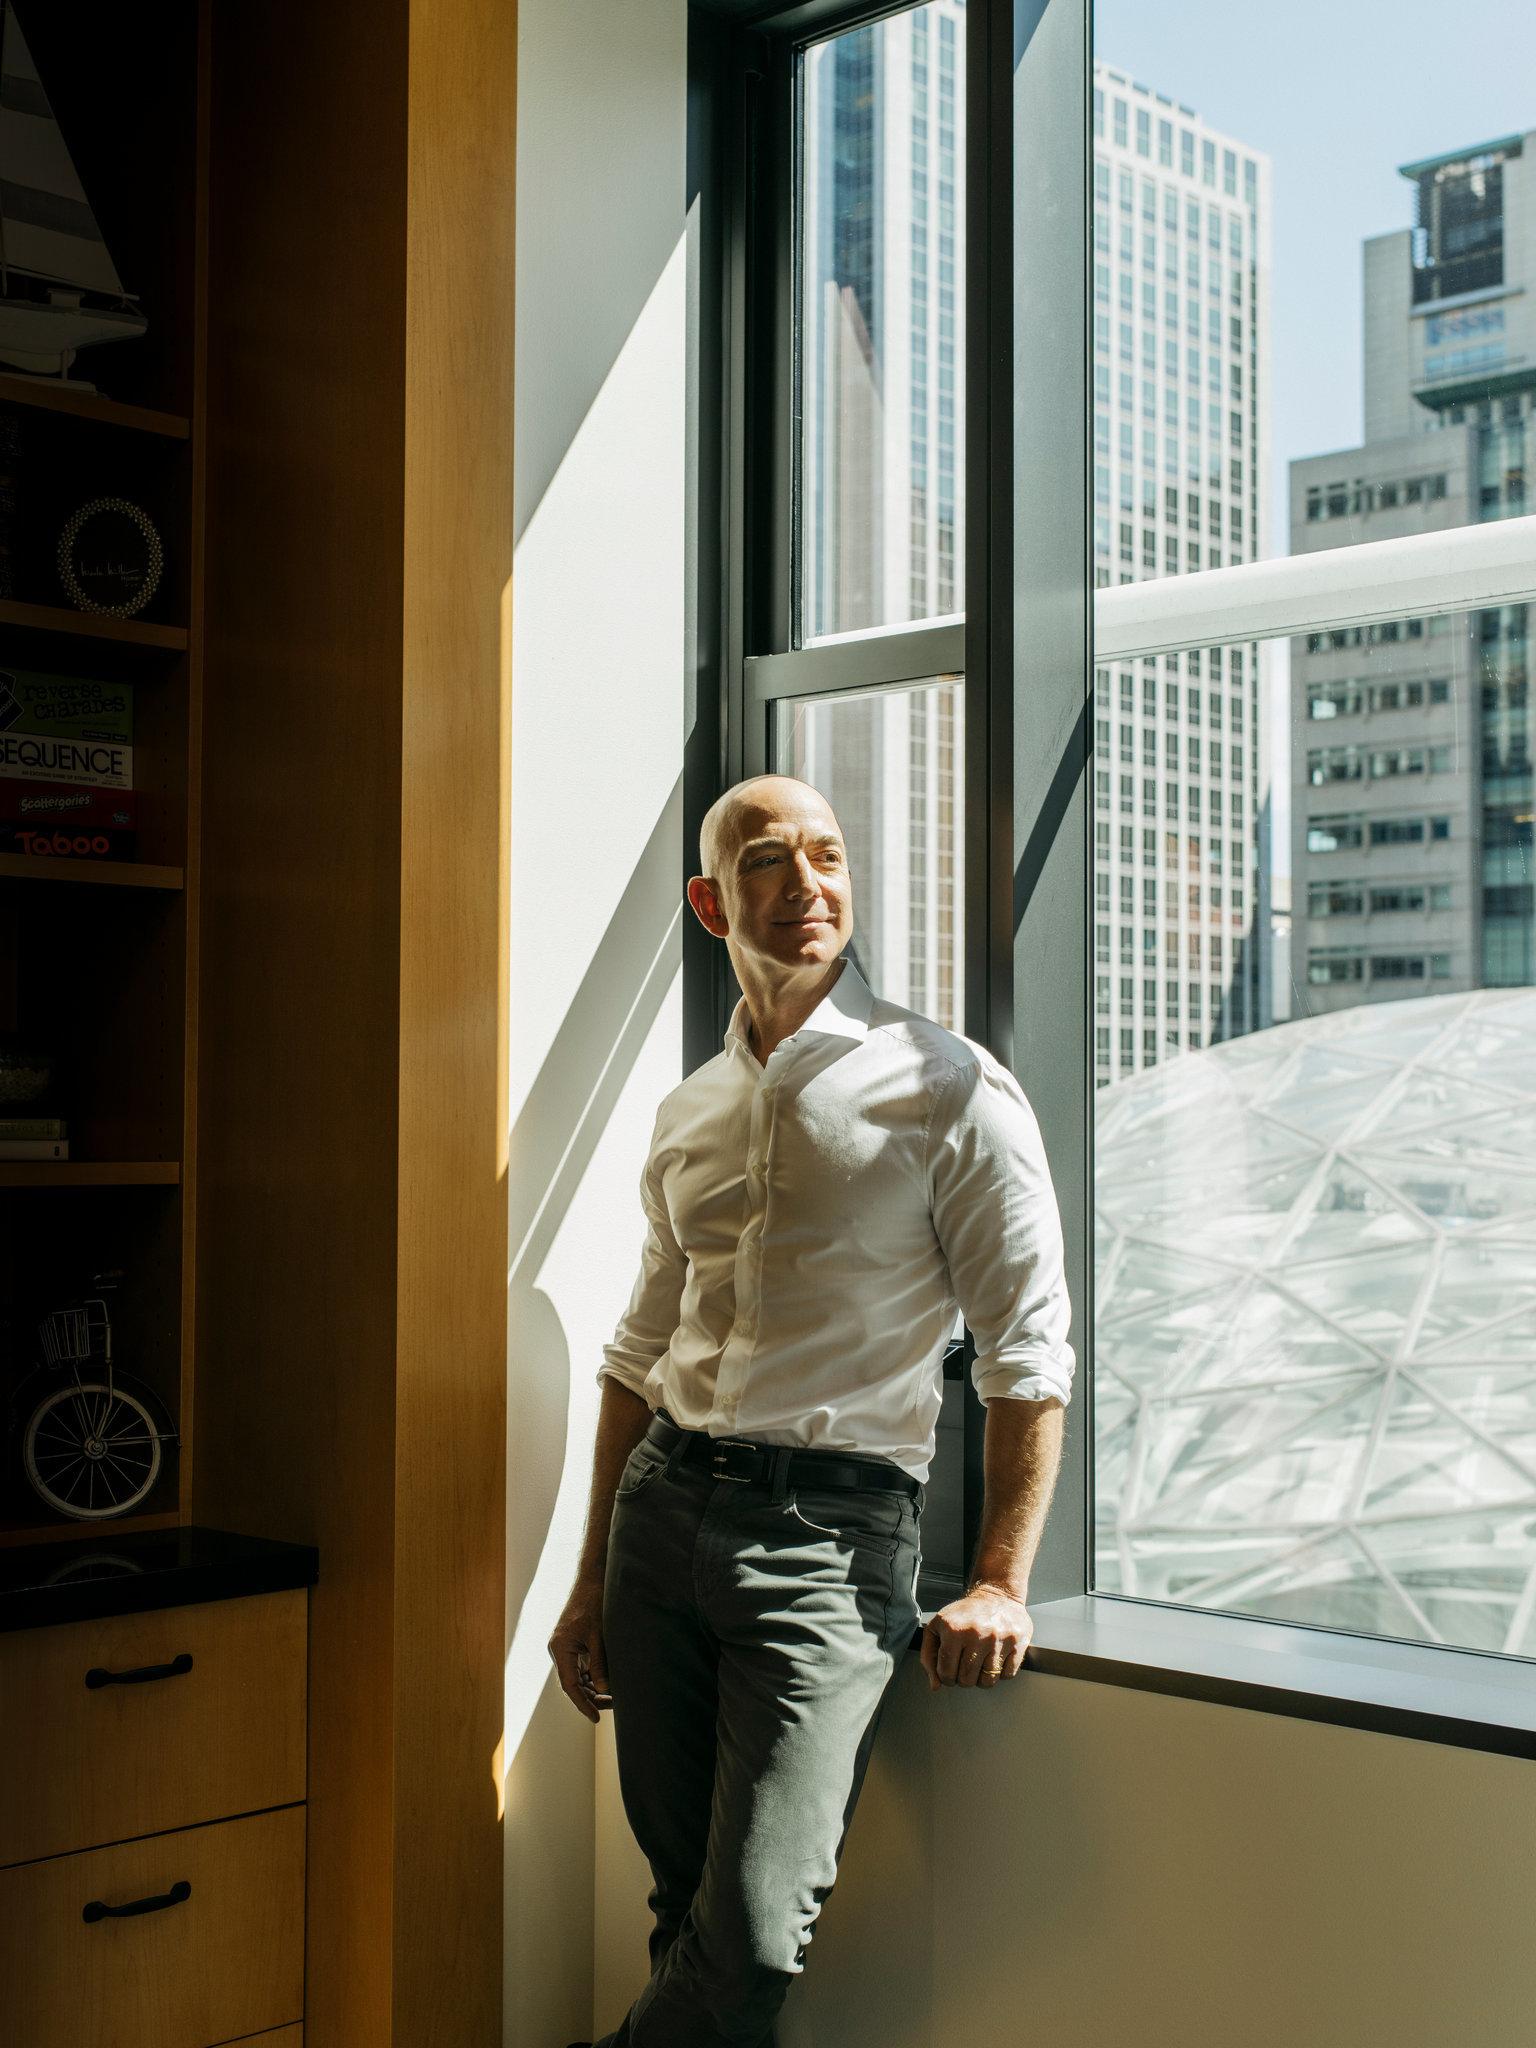 纽约时报:贝佐斯太有钱不正常, 他应该让美国更公平